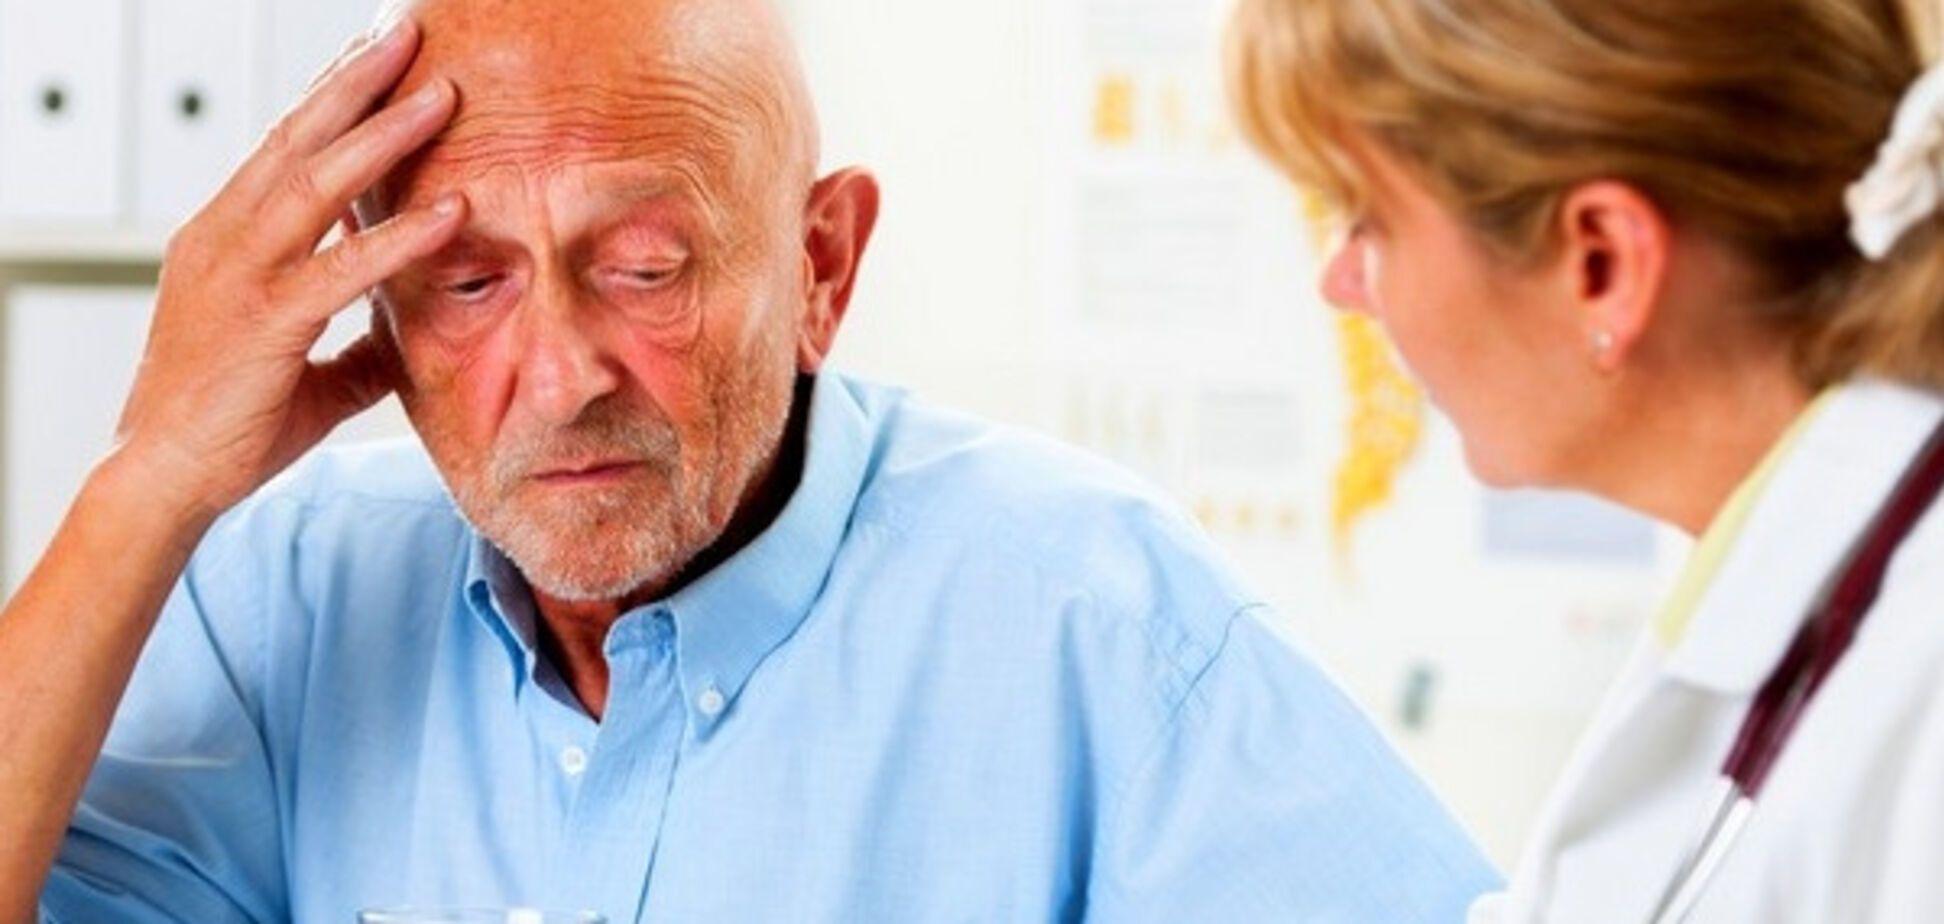 Ученый назвал работу, которая снижает риск болезни Альцгеймера